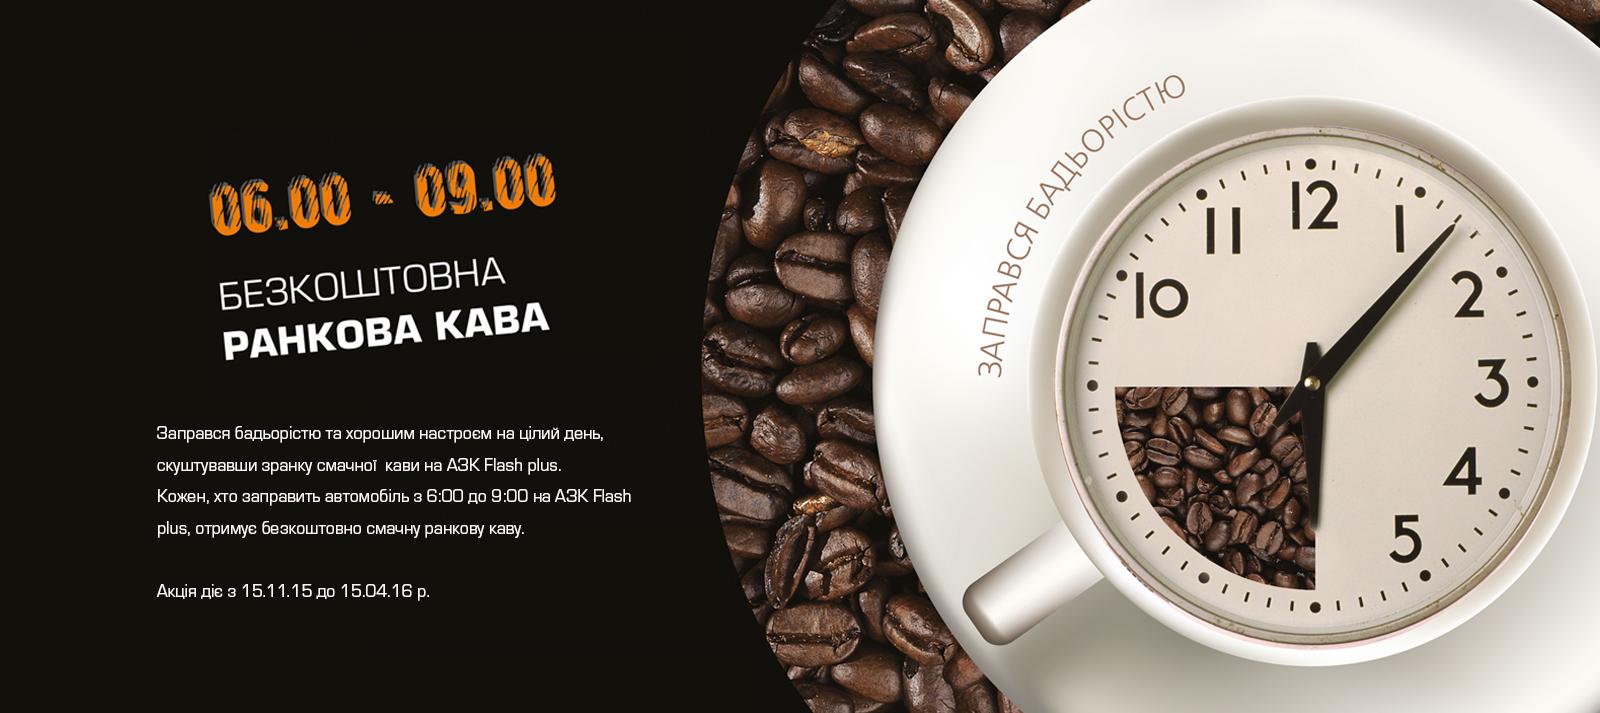 Безкоштовна ранкова кава